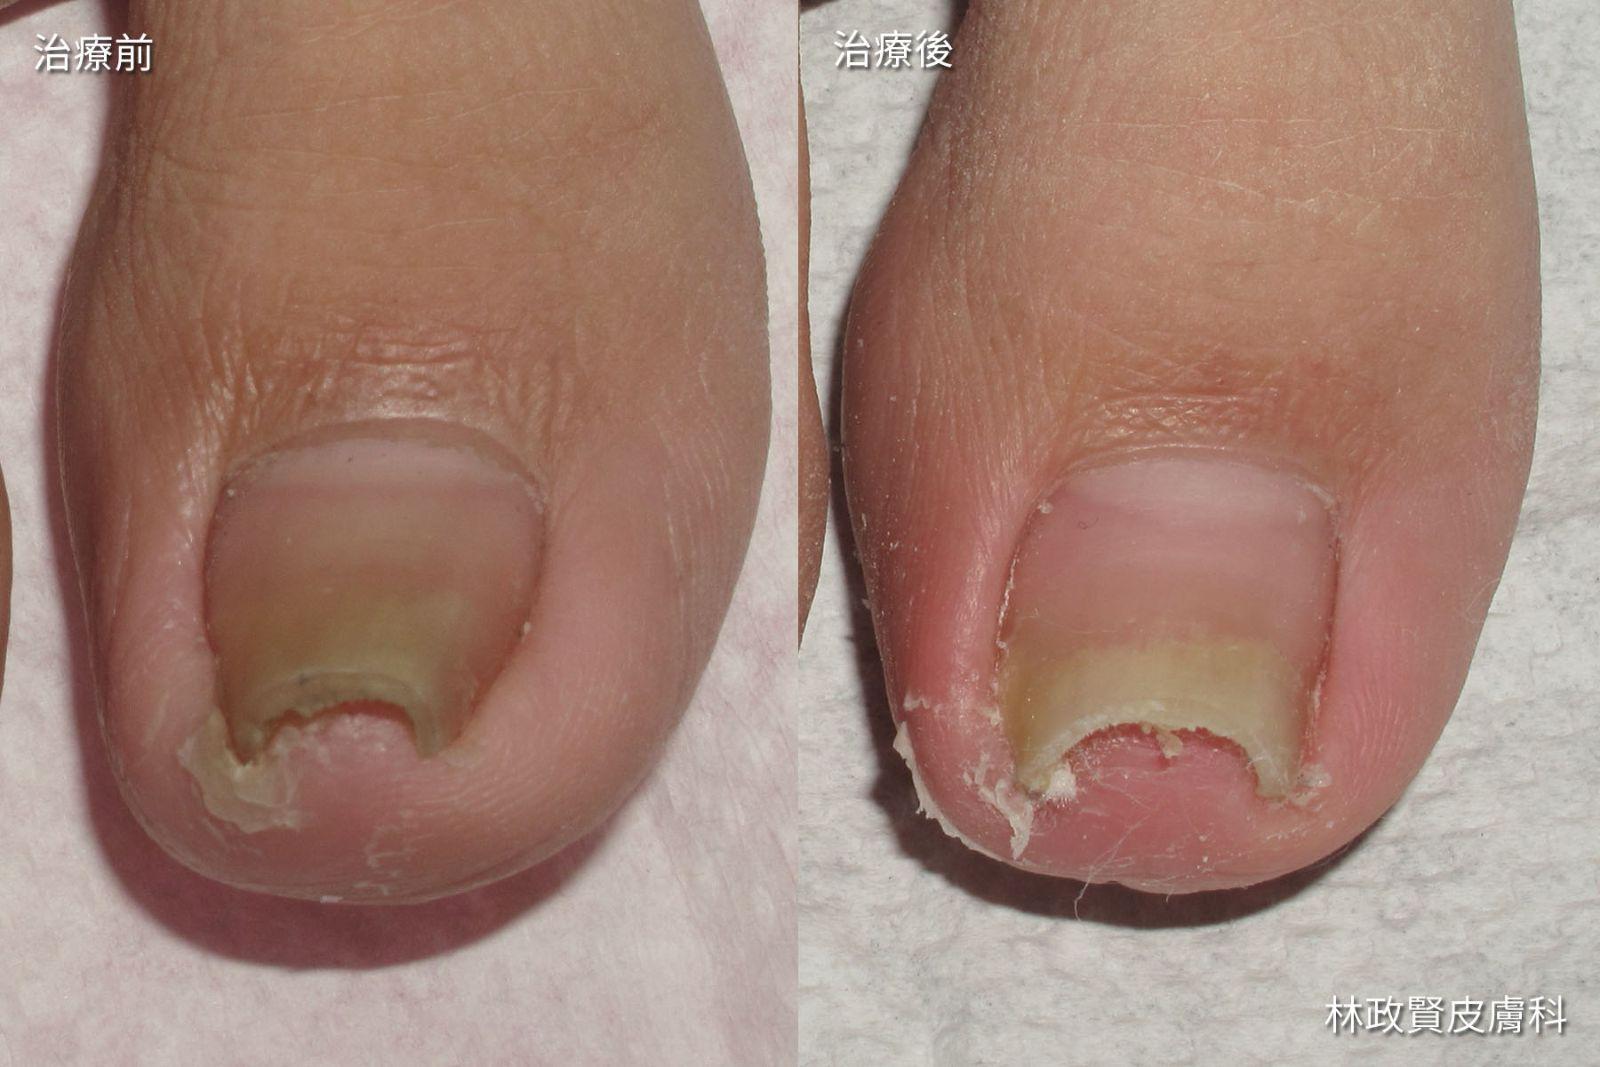 變厚及變色 「捲甲癥」常被誤為灰指甲 | 高雄林政賢皮膚科診所